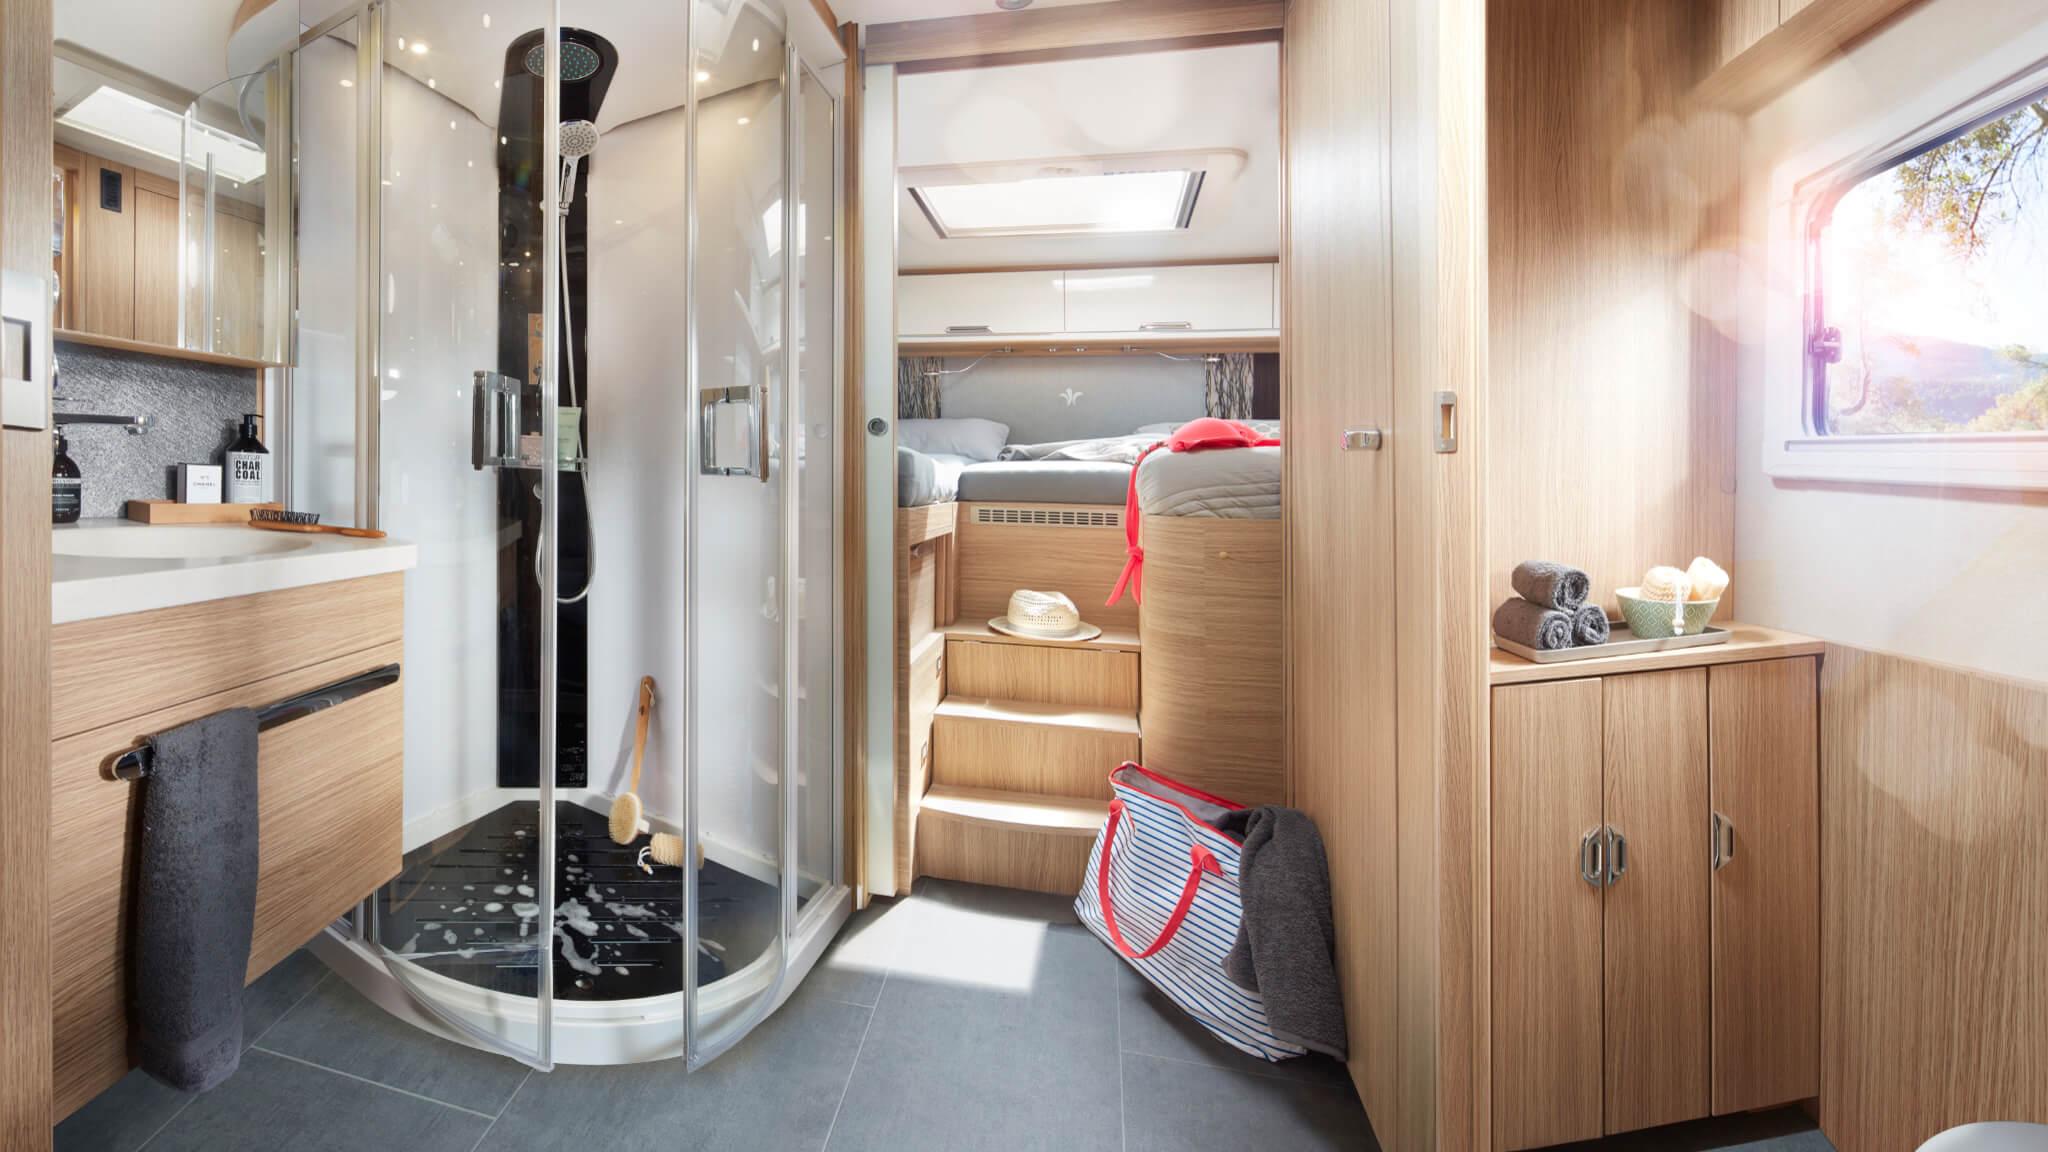 NIESMANN+BISCHOFF - Flair - Flair 920 EK - Großes Badezimmer